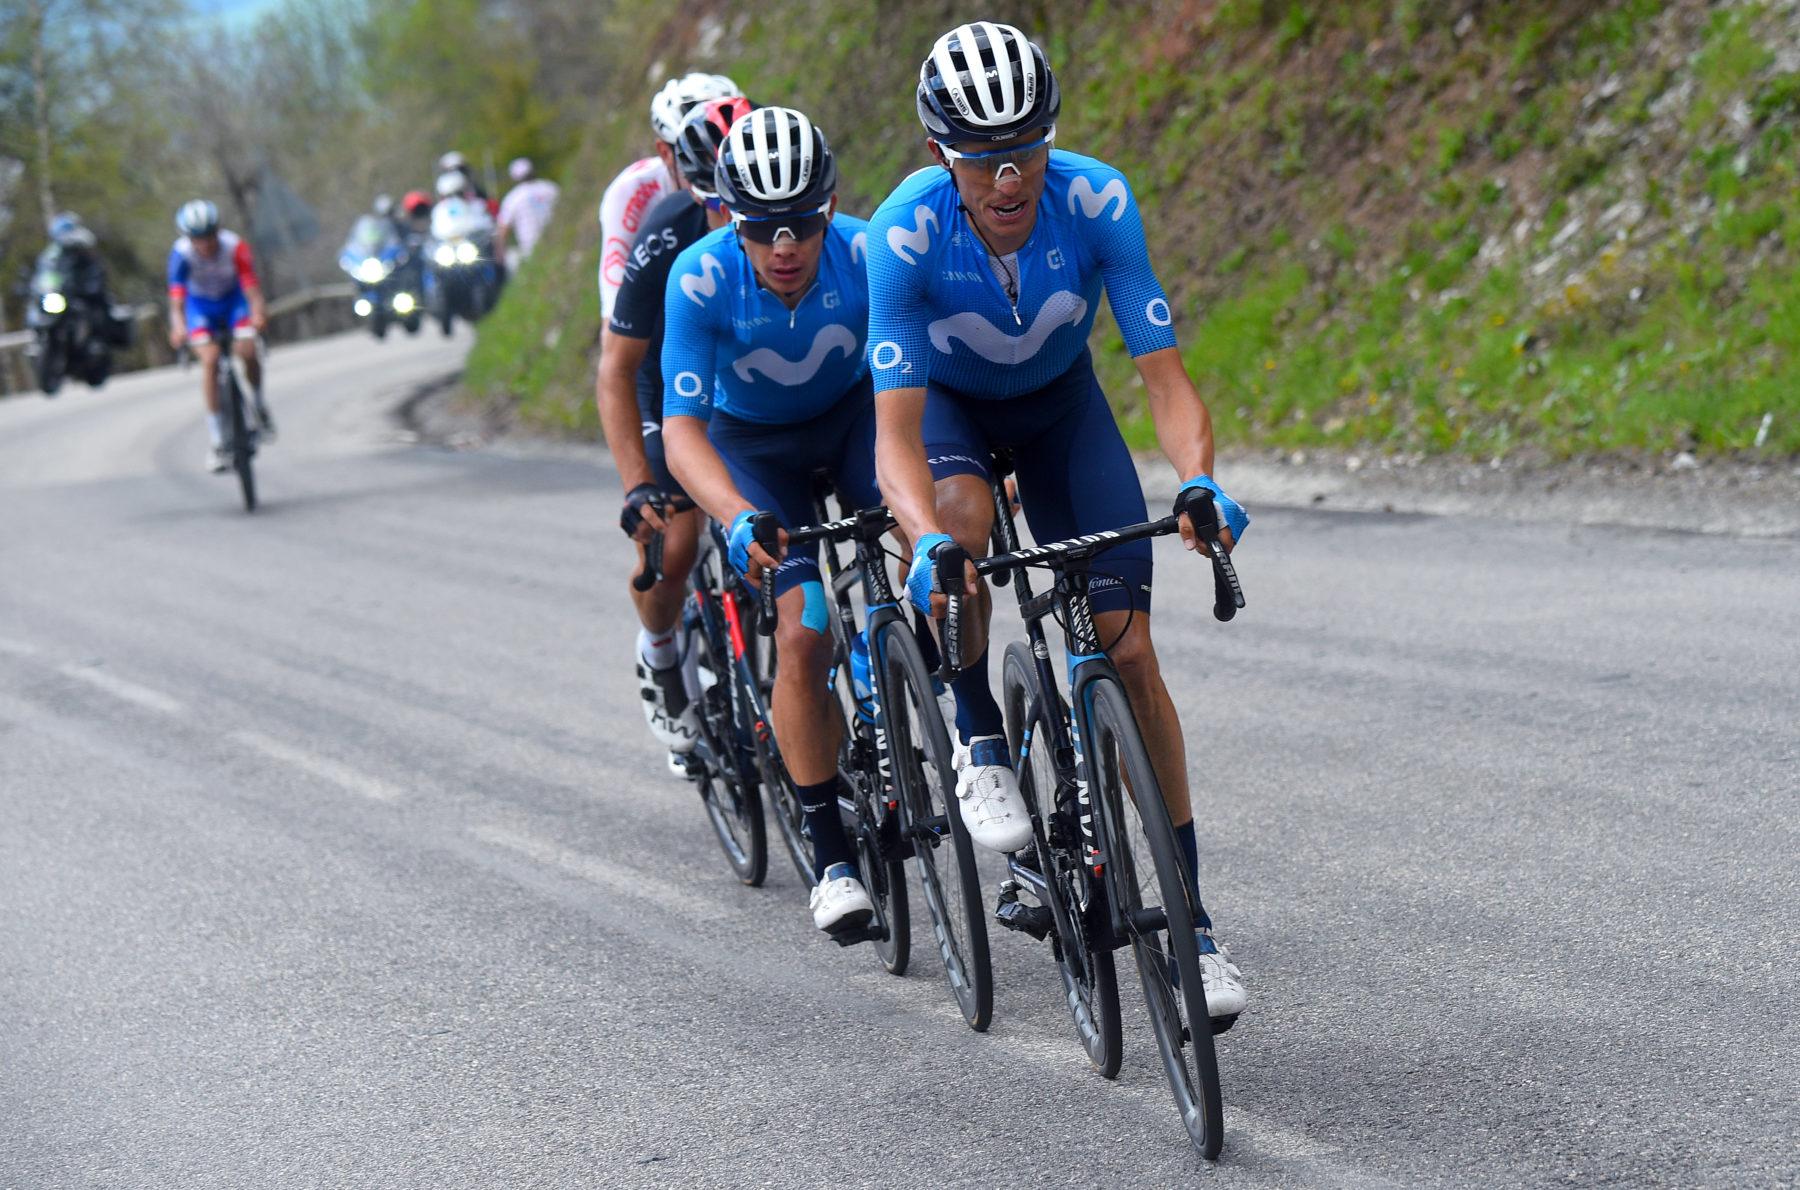 Imagen de la noticia 'López (3rd), Movistar Team show their best face at La Plagne finish'